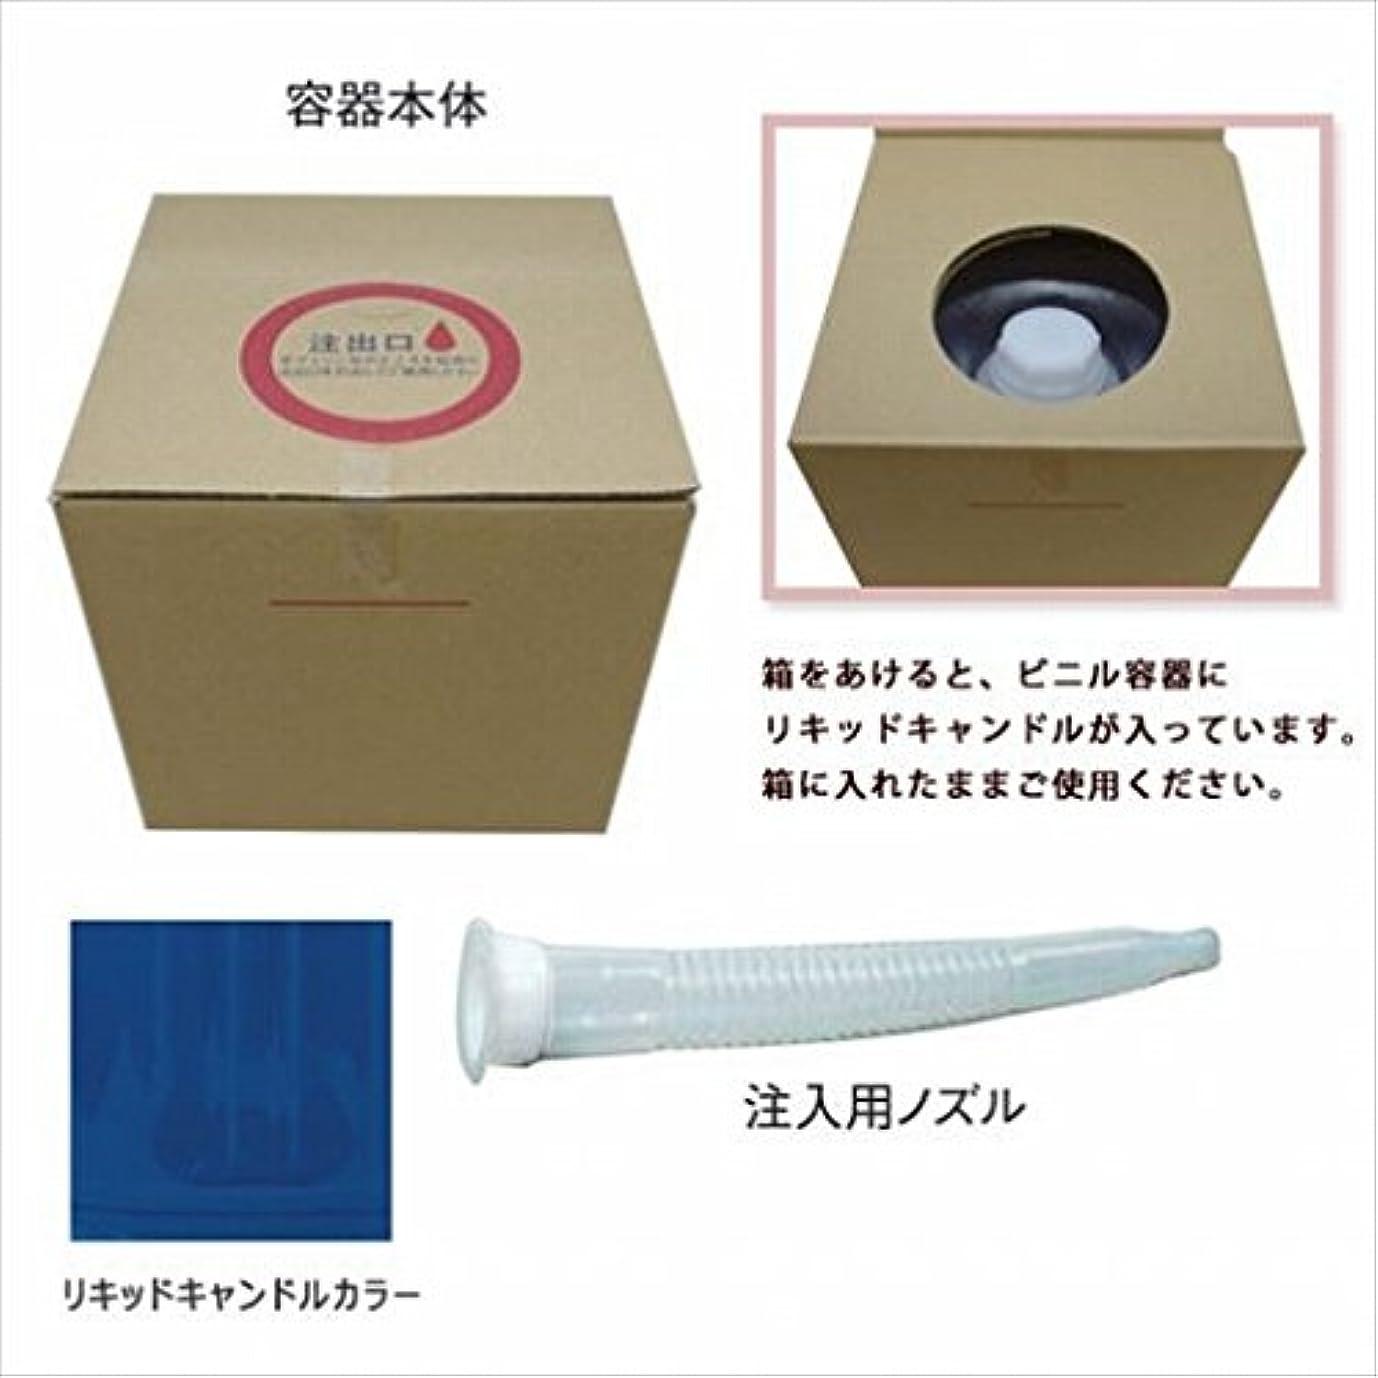 宿題をするバレルトリッキーカメヤマキャンドル( kameyama candle ) リキッドキャンドル5リットル 「 ブルー 」